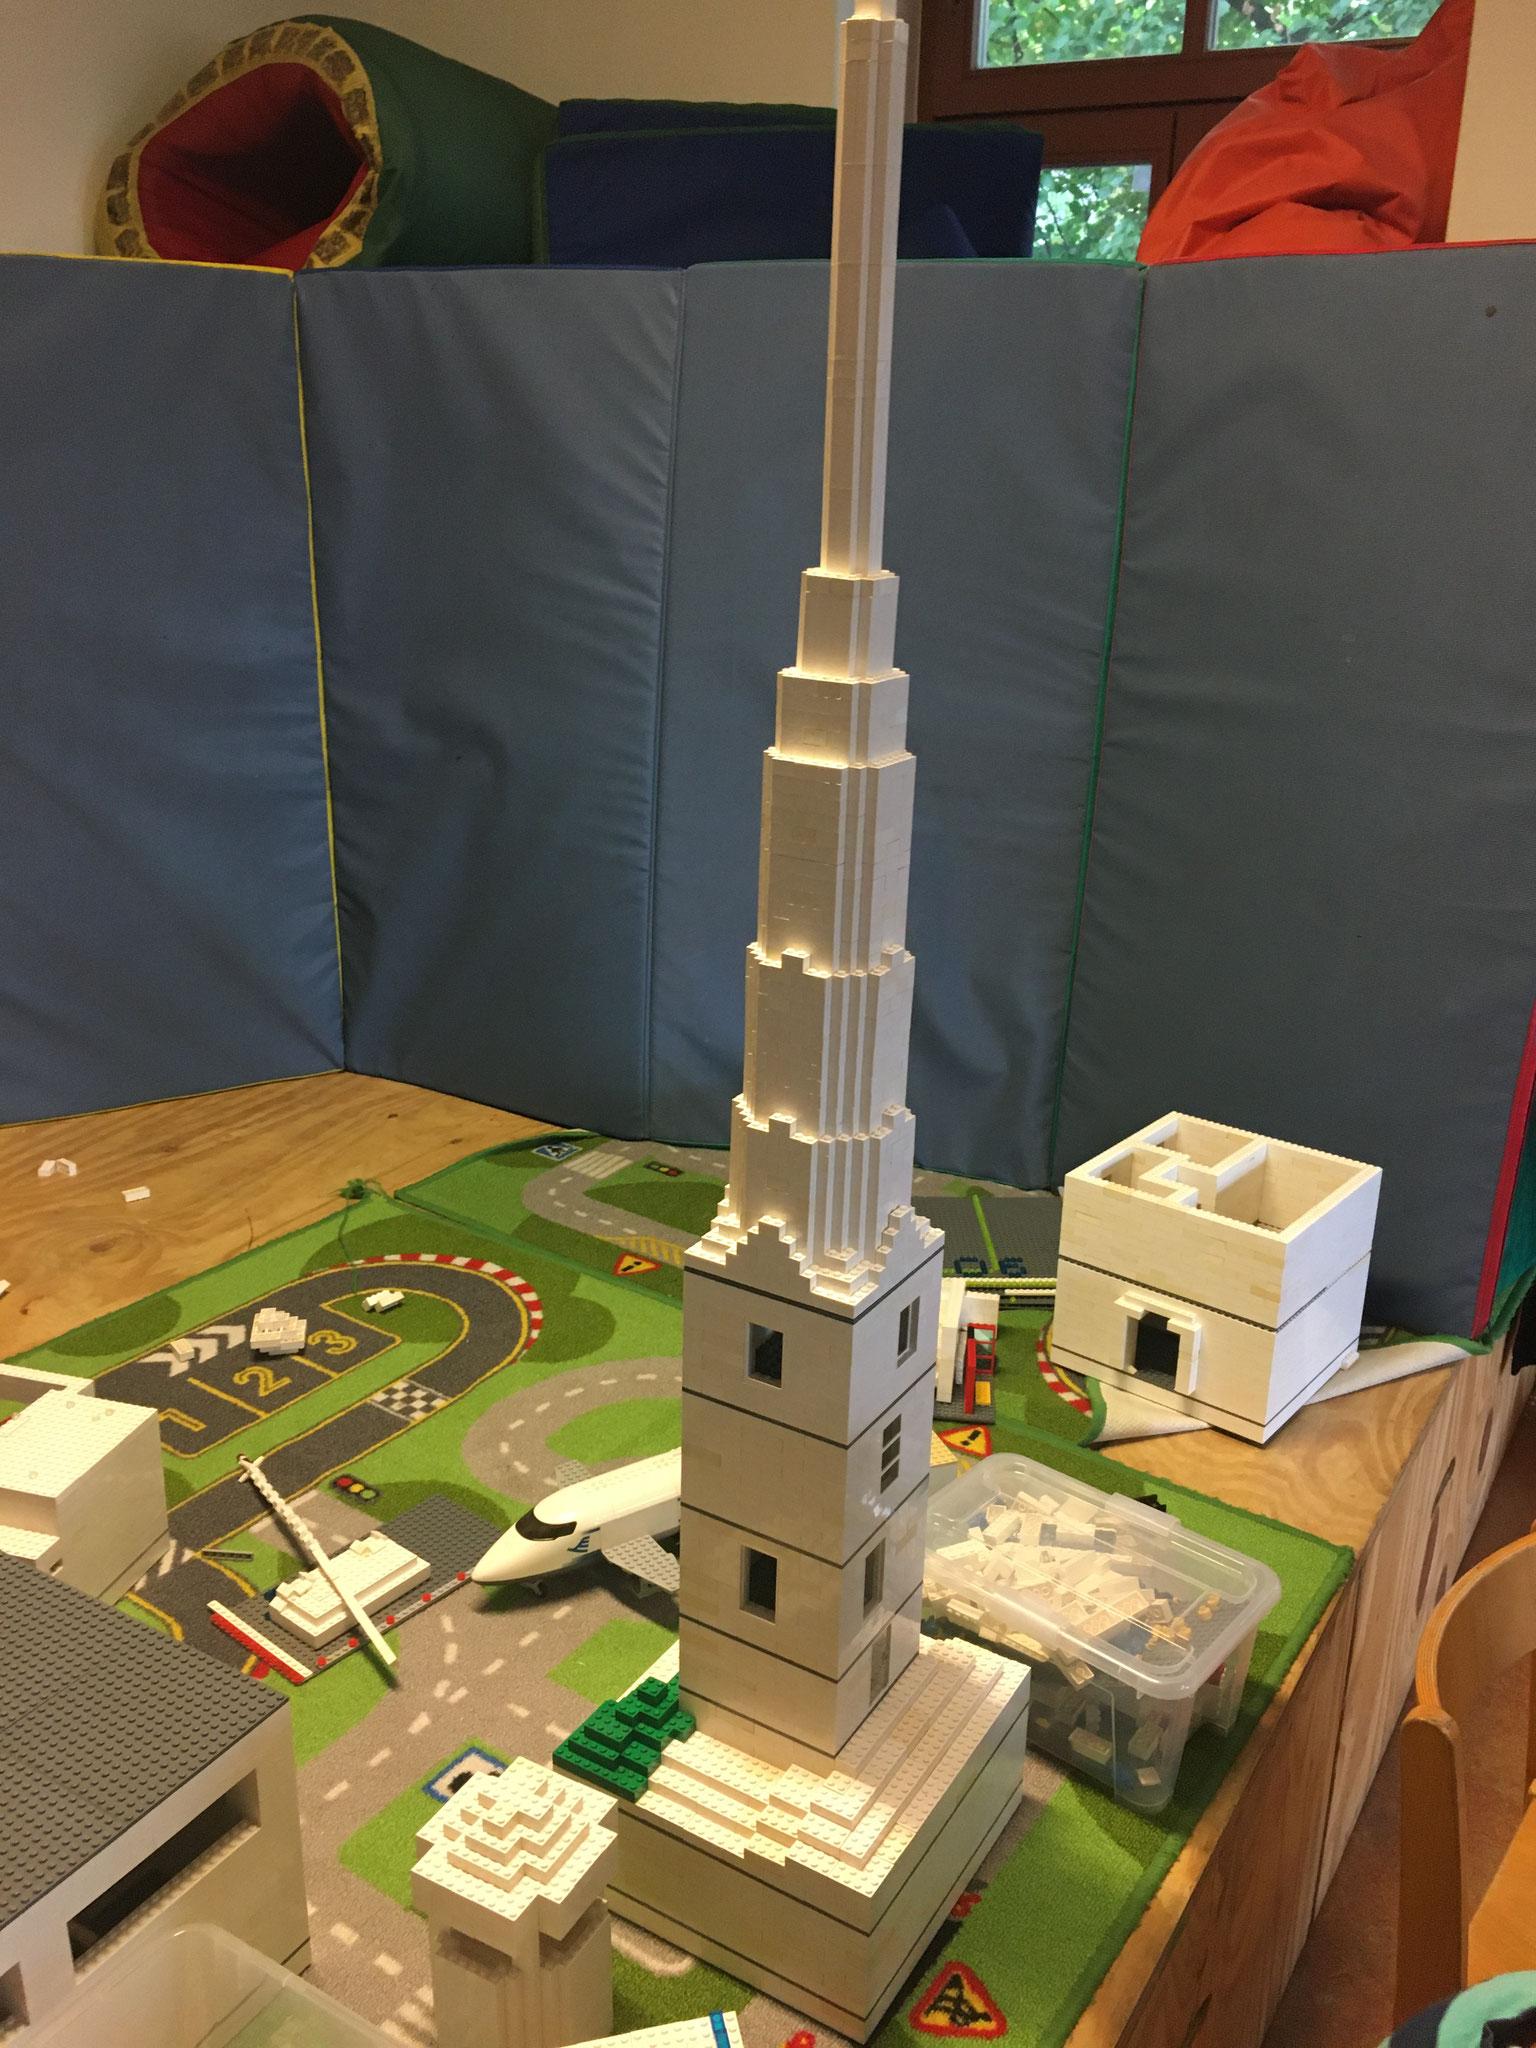 Turmbau in noch absehbare Höhen - bald wird das noch viel viel viel höher